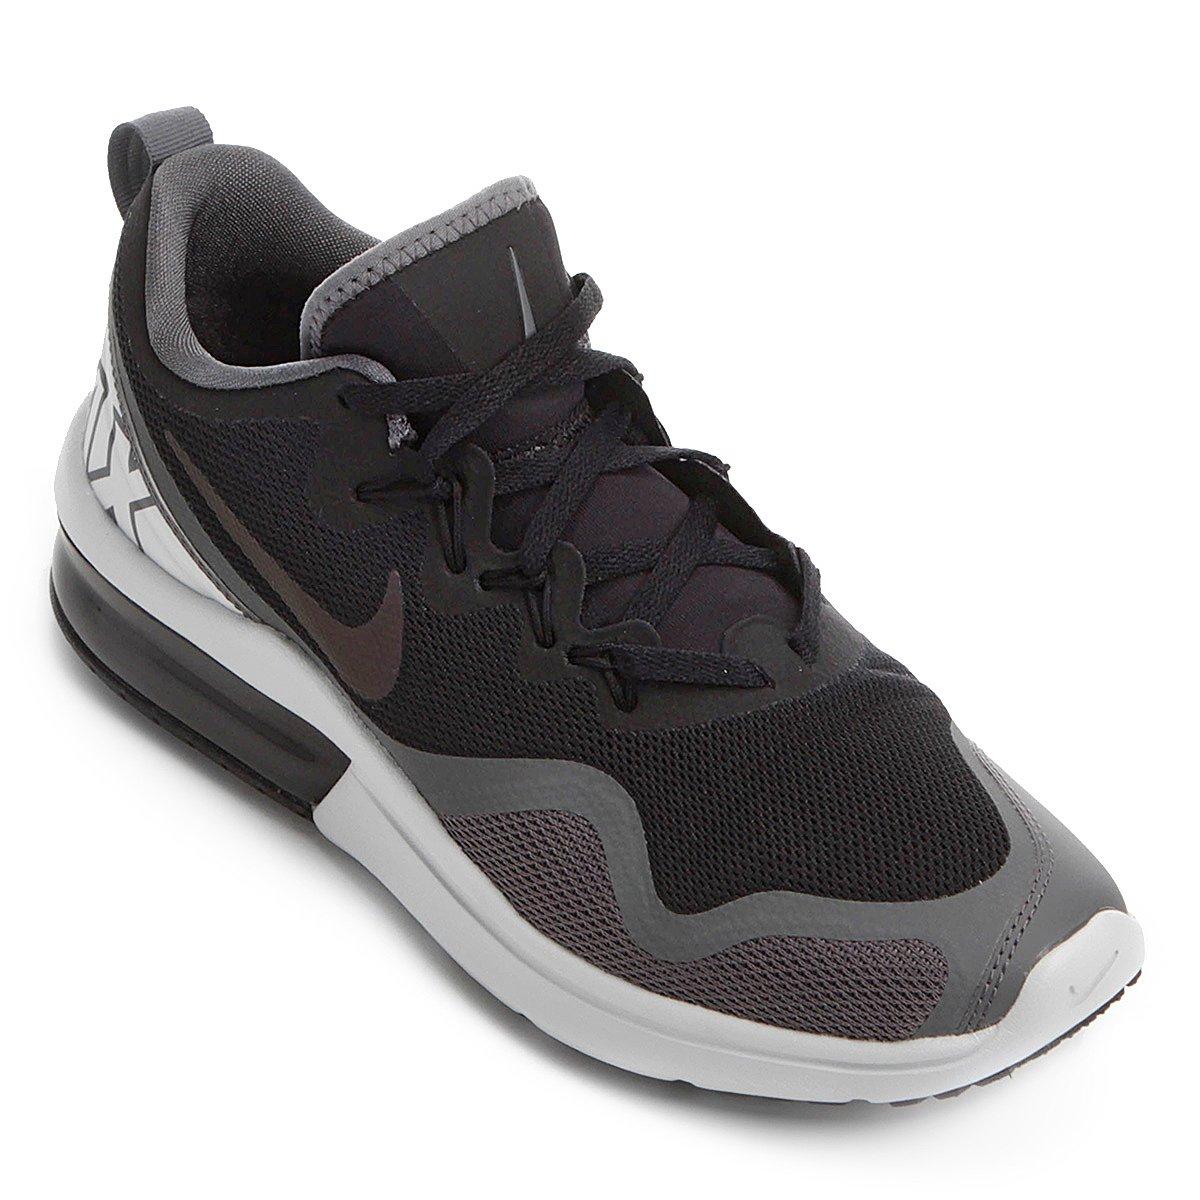 0f5983254 Tênis Nike Air Max Fury Feminino - Preto e Cinza - Compre Agora ...